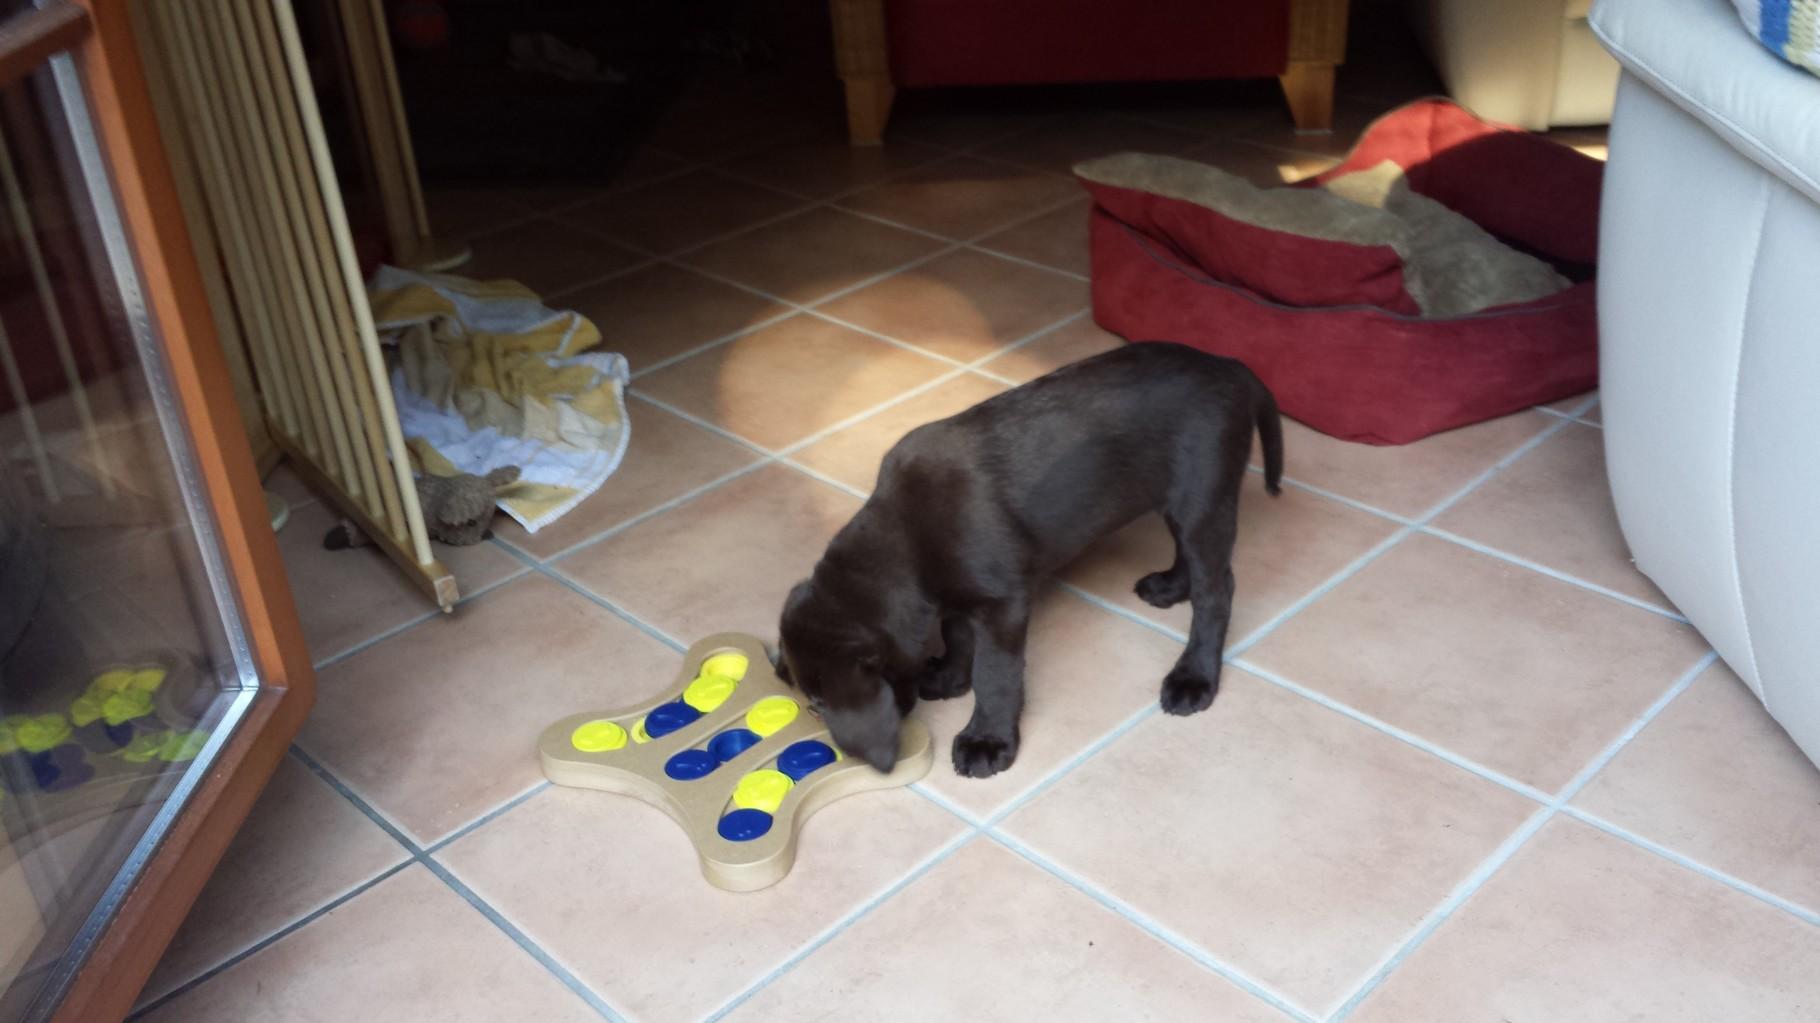 Hmmm...ich rieche die Leckerchen...das neue Spielzeug von Mama und Papa ist ja super.